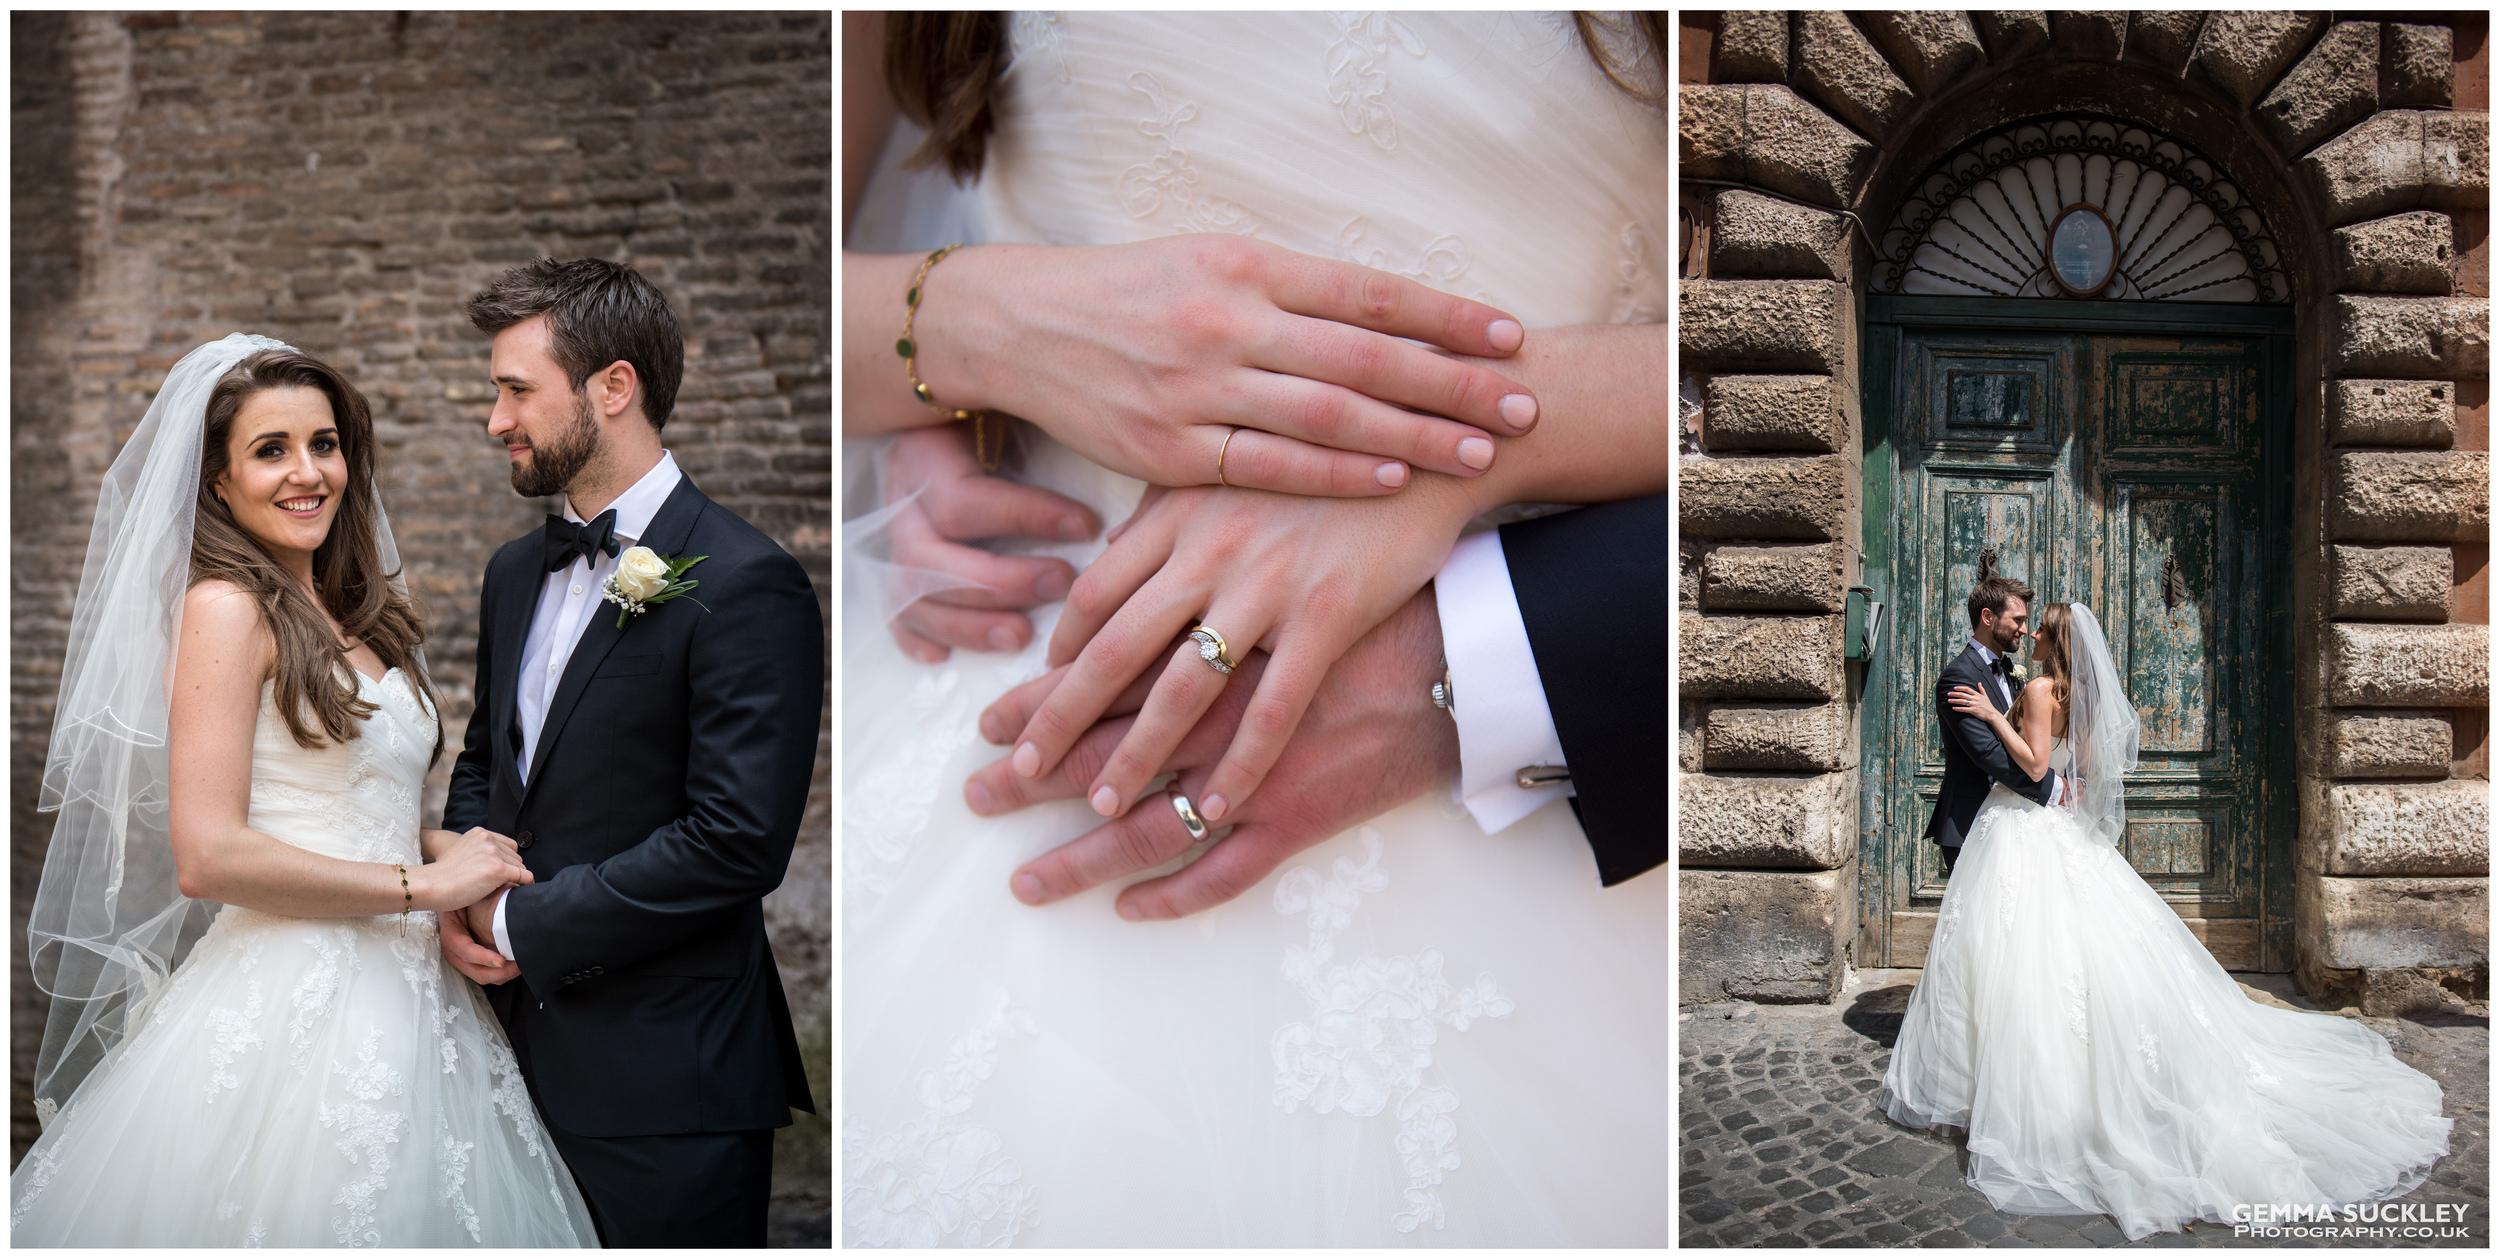 bride-and-groom-in-rome.jpg